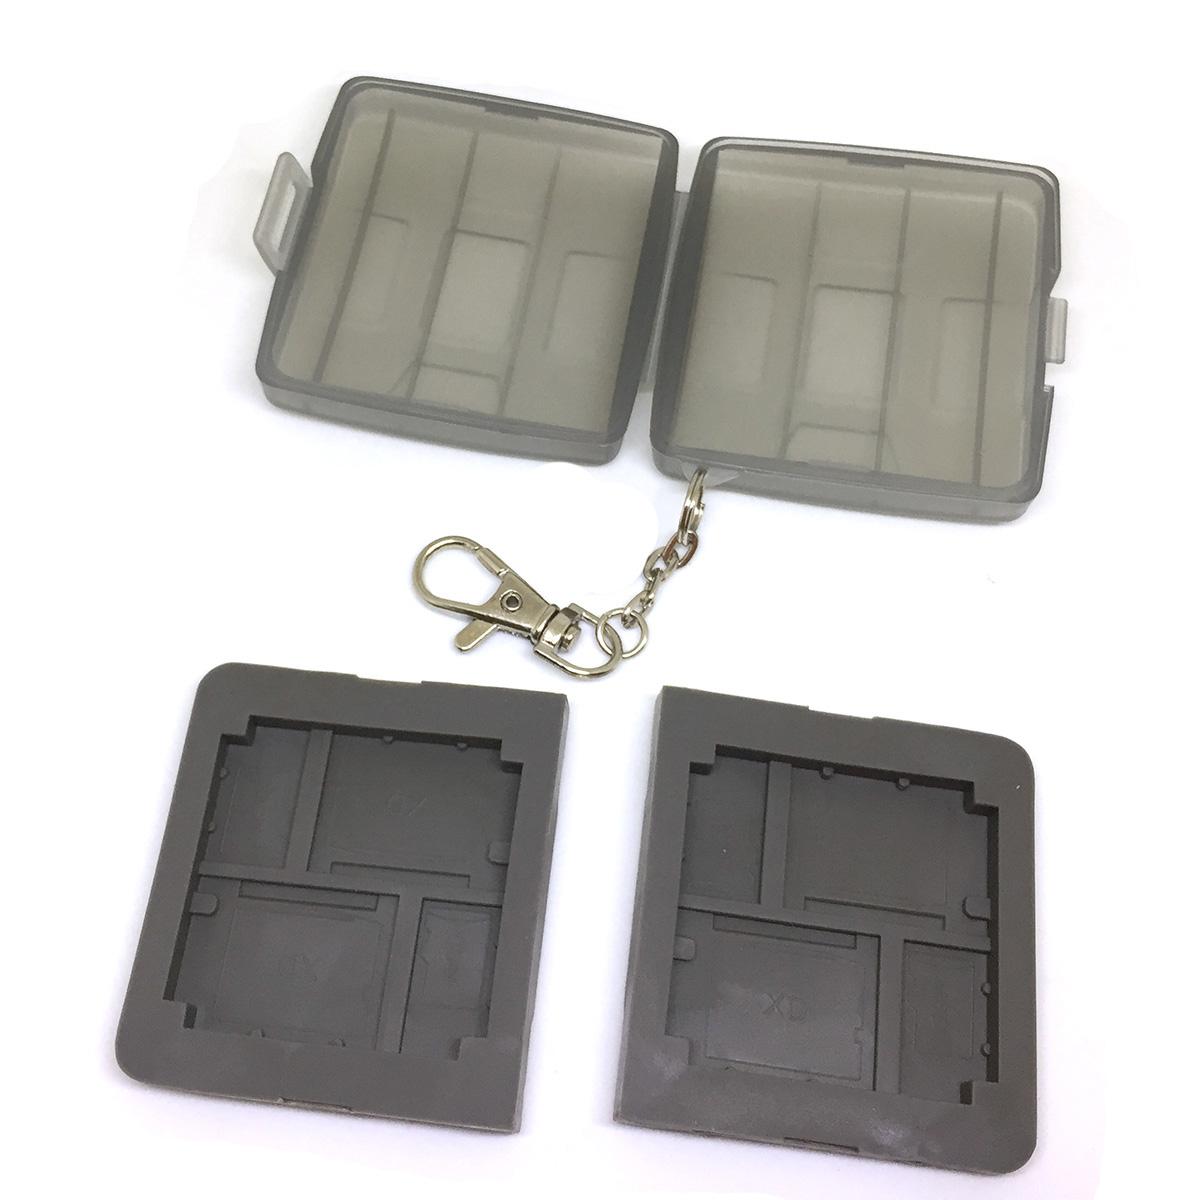 Футляр для хранения карт памяти MicroSD и флеш карт XD, Espada EF-004